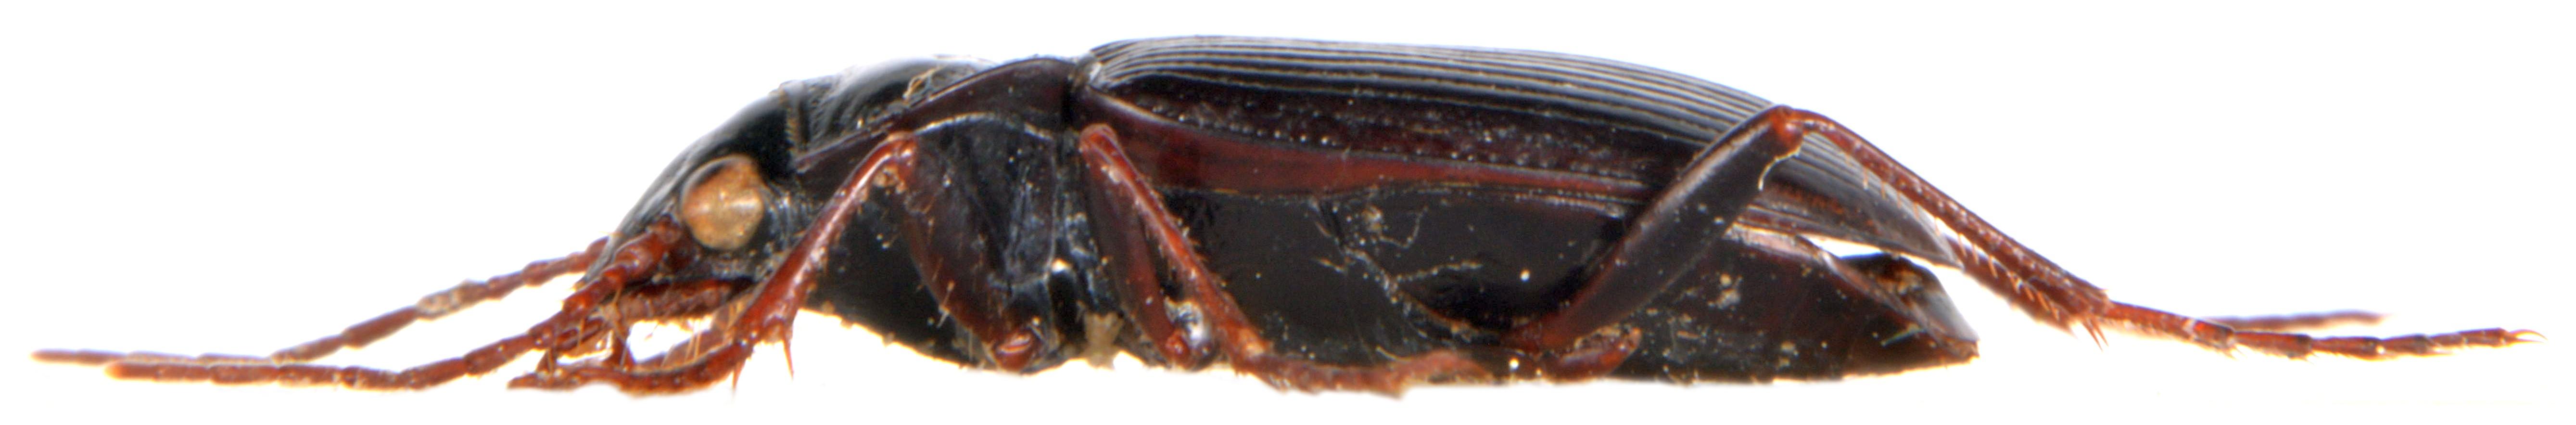 Nebria brevicollis 3